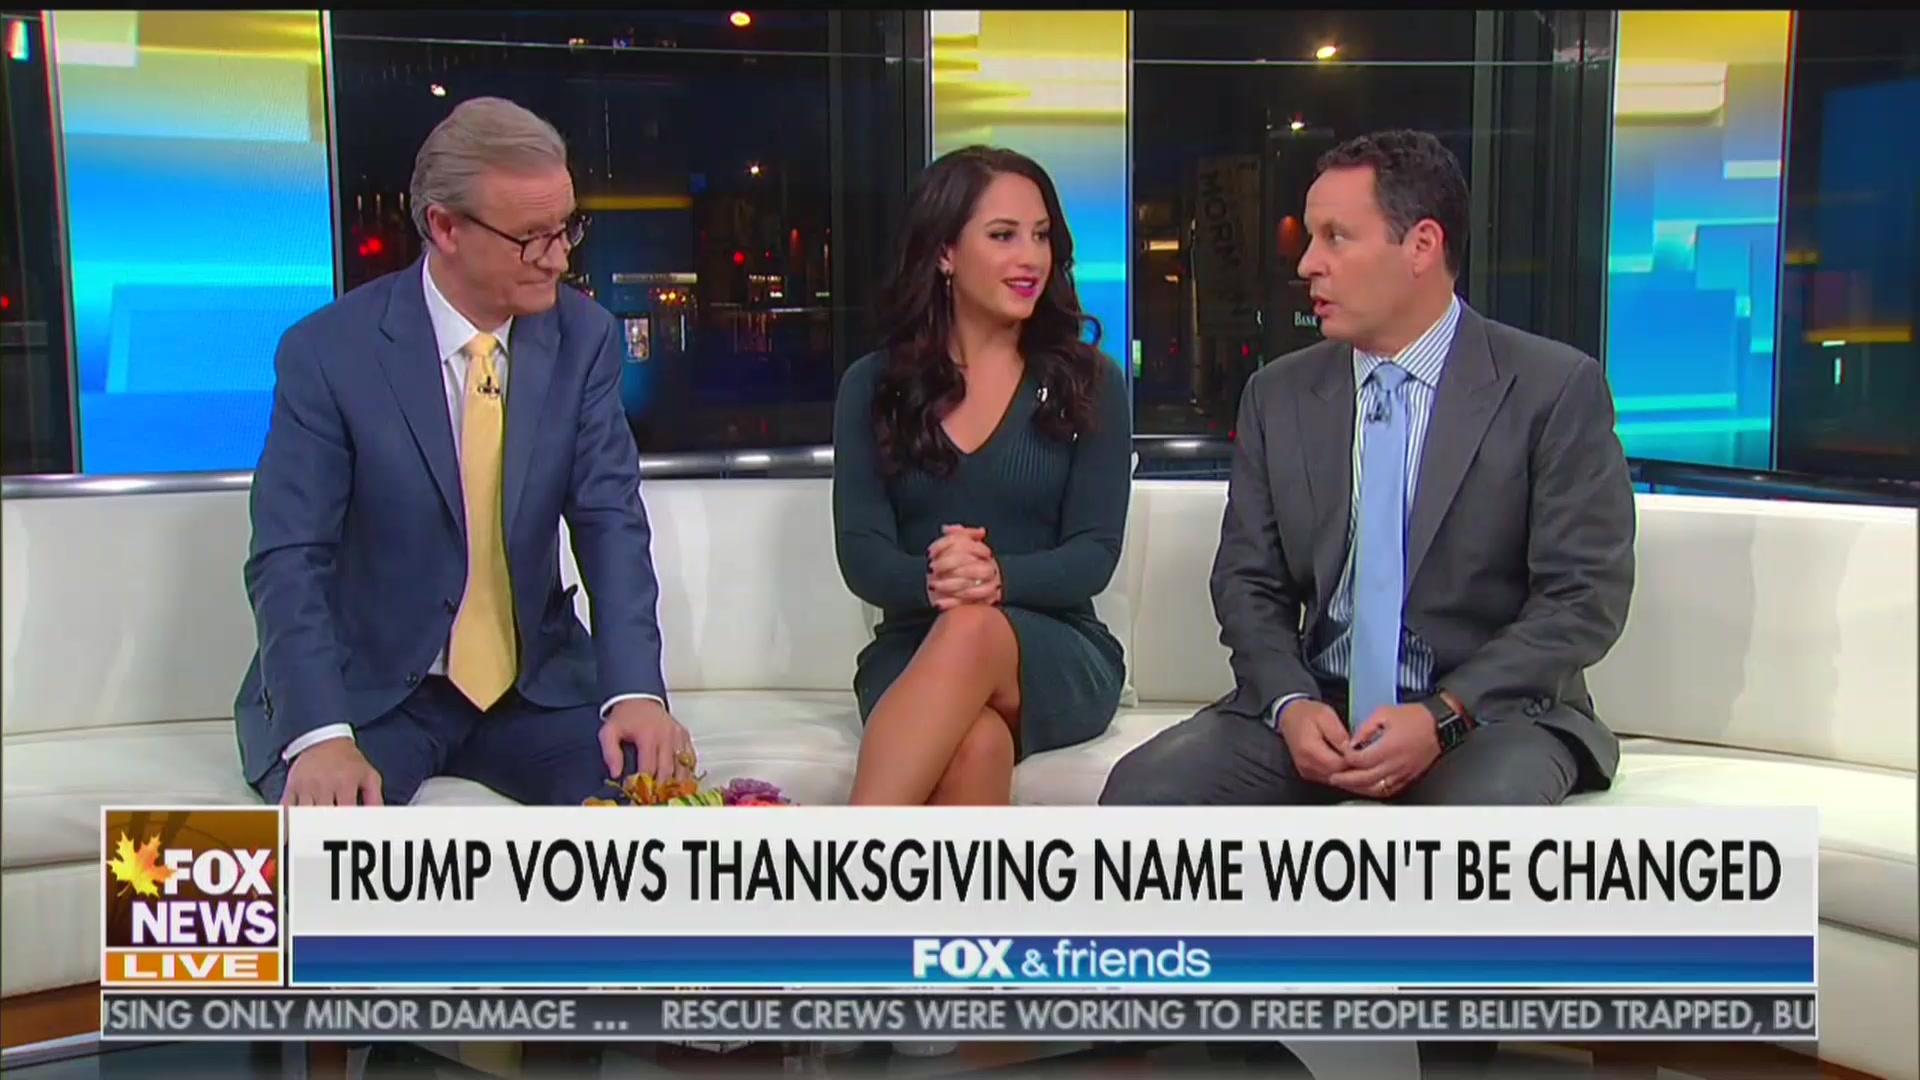 Fox & Friends Backs Trump's 'War on Thanksgiving' Conspiracy He Got From Fox